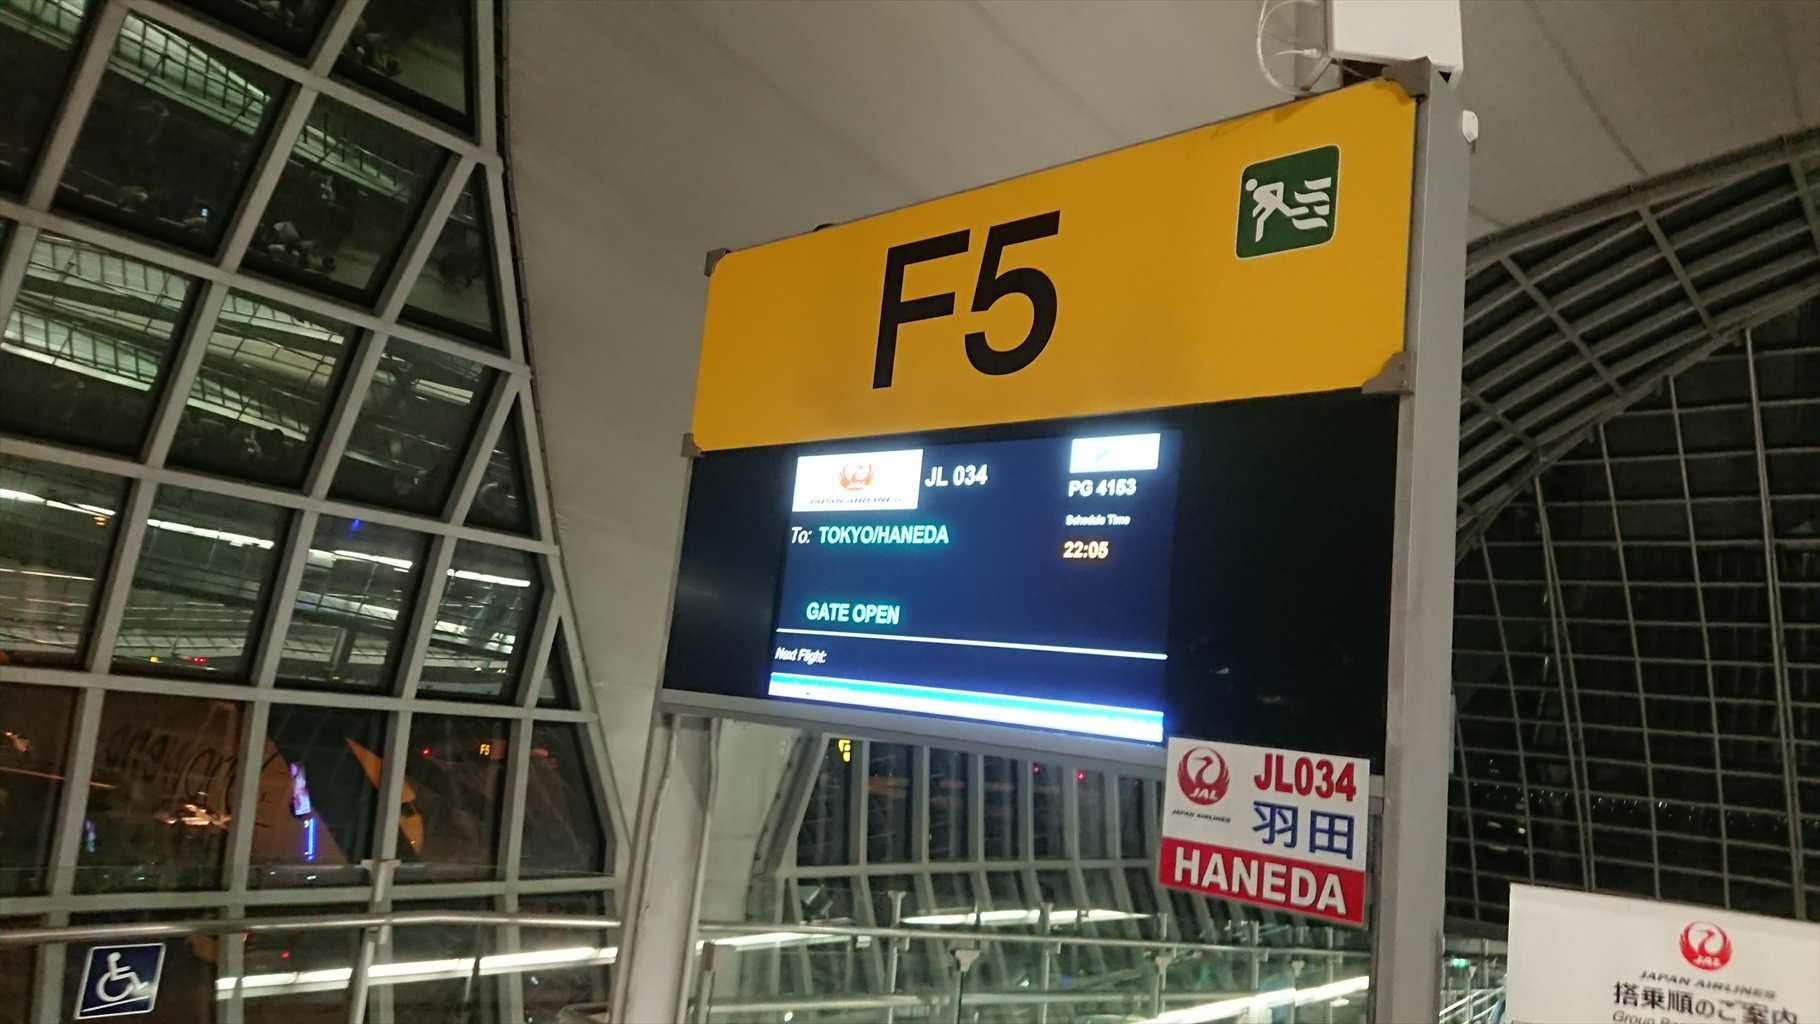 14MAR20 JL034 バンコク~羽田 ビジネスクラス